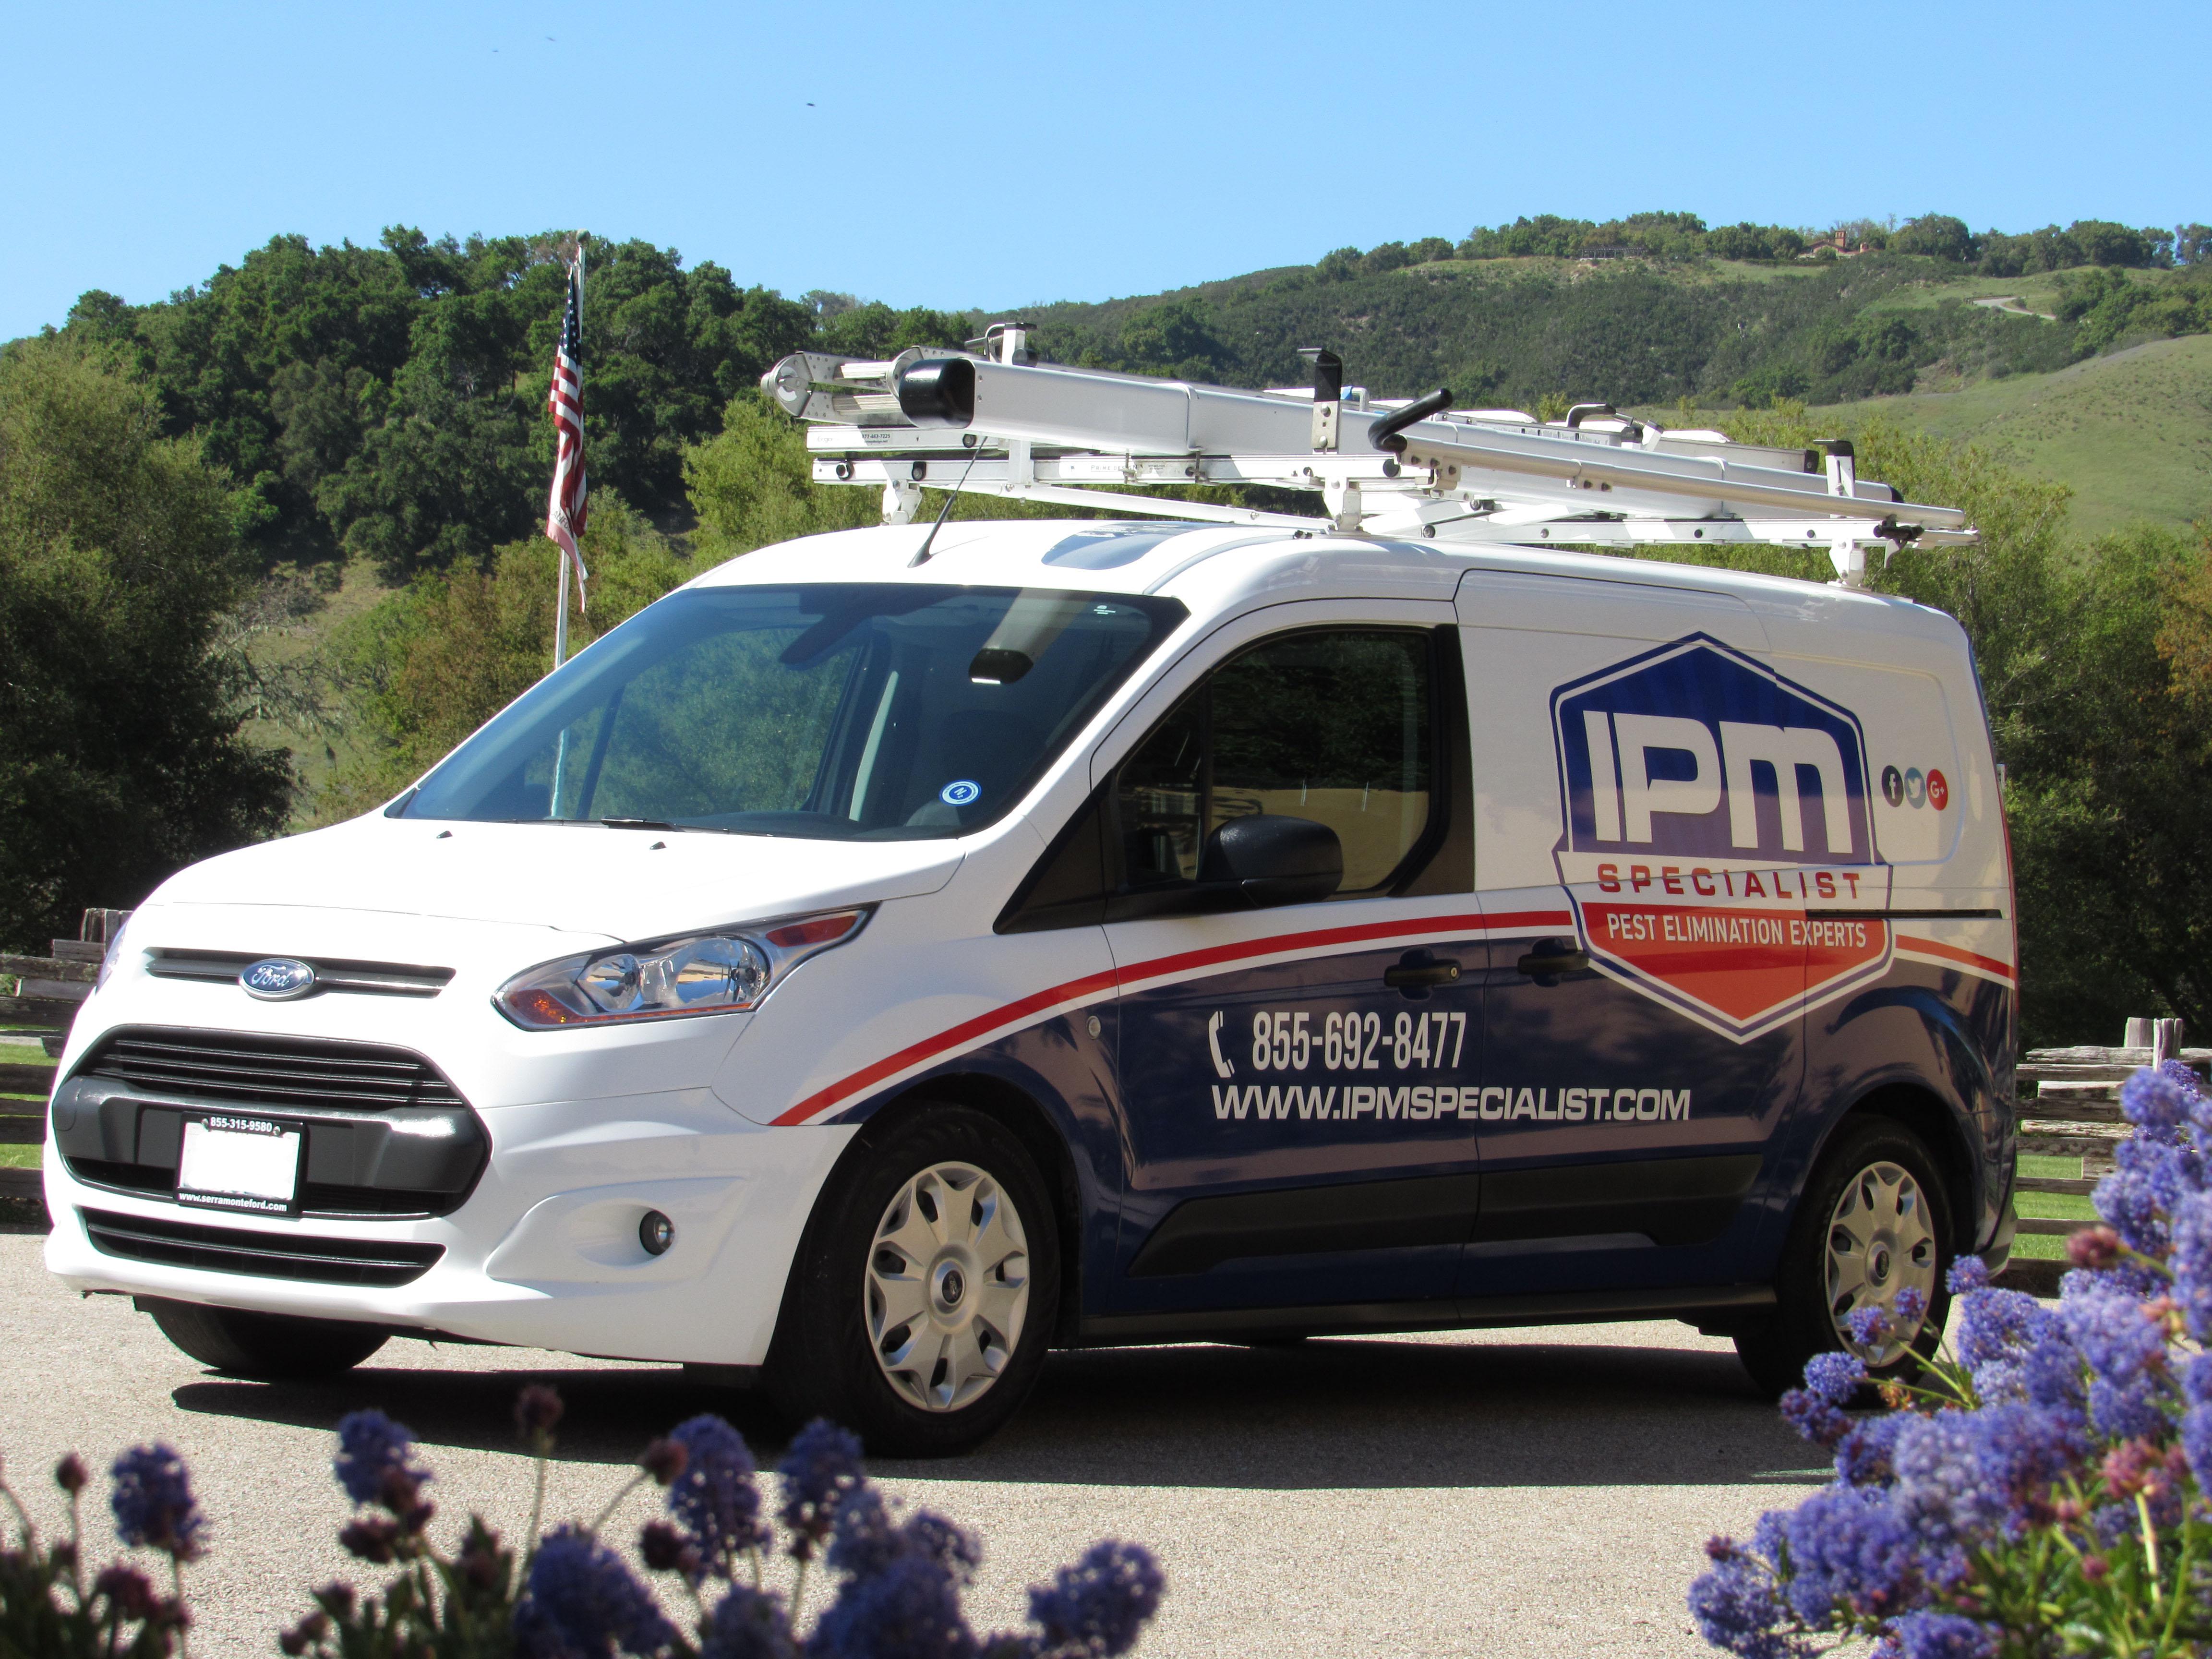 IPM Specialist Van